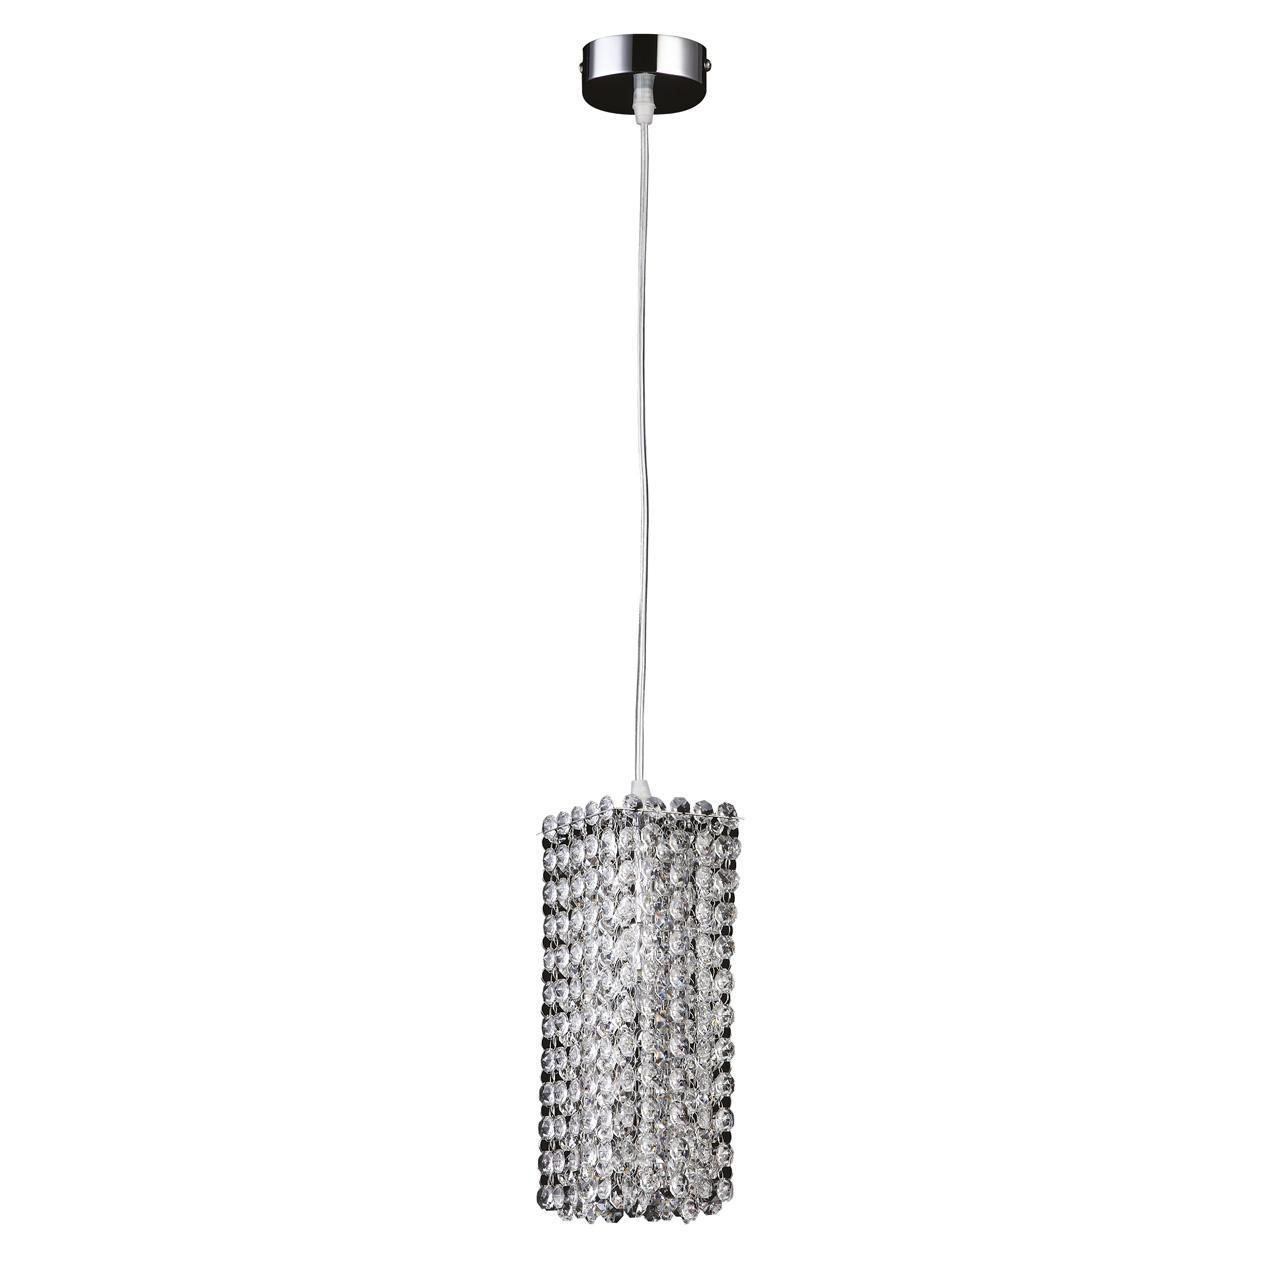 Подвесной светильник Lightstar Cristallo 795424 подвесной светильник lightstar cristallo 795424